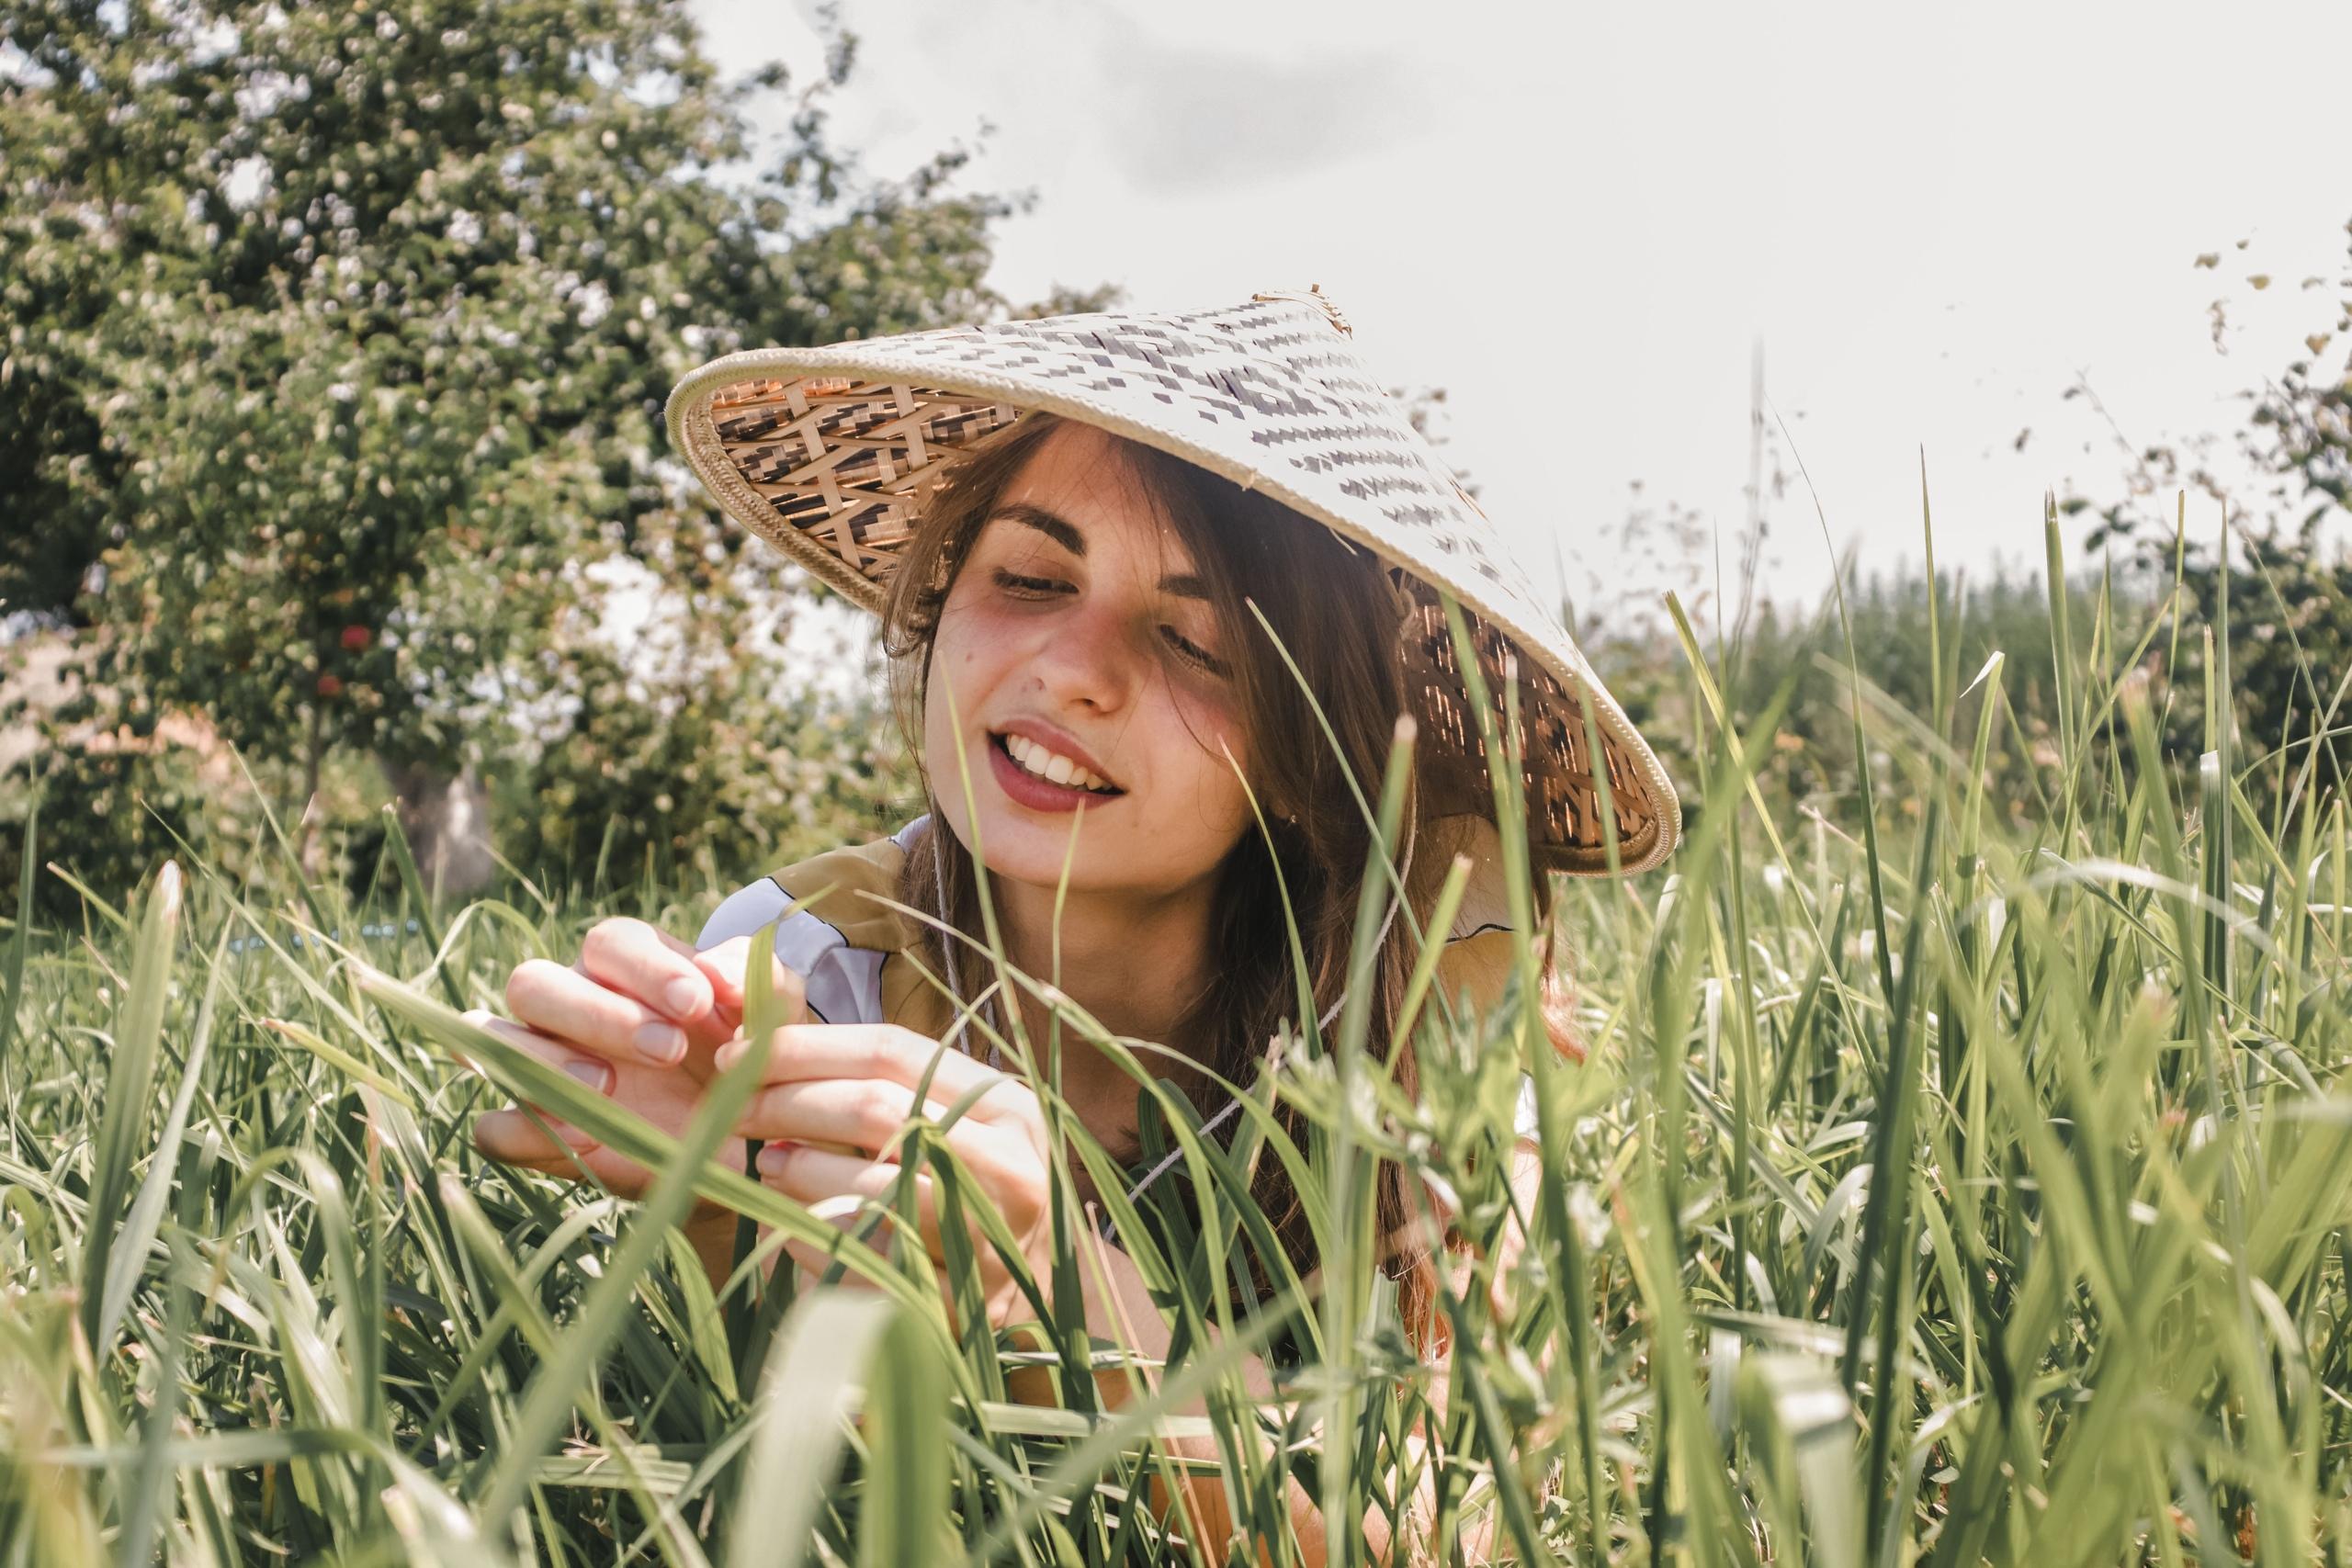 Блиц-опрос или анкета из дневничка для девочек Юли Цурко - замредактора Web-СМИ и одного из создателей Медиацентра 15